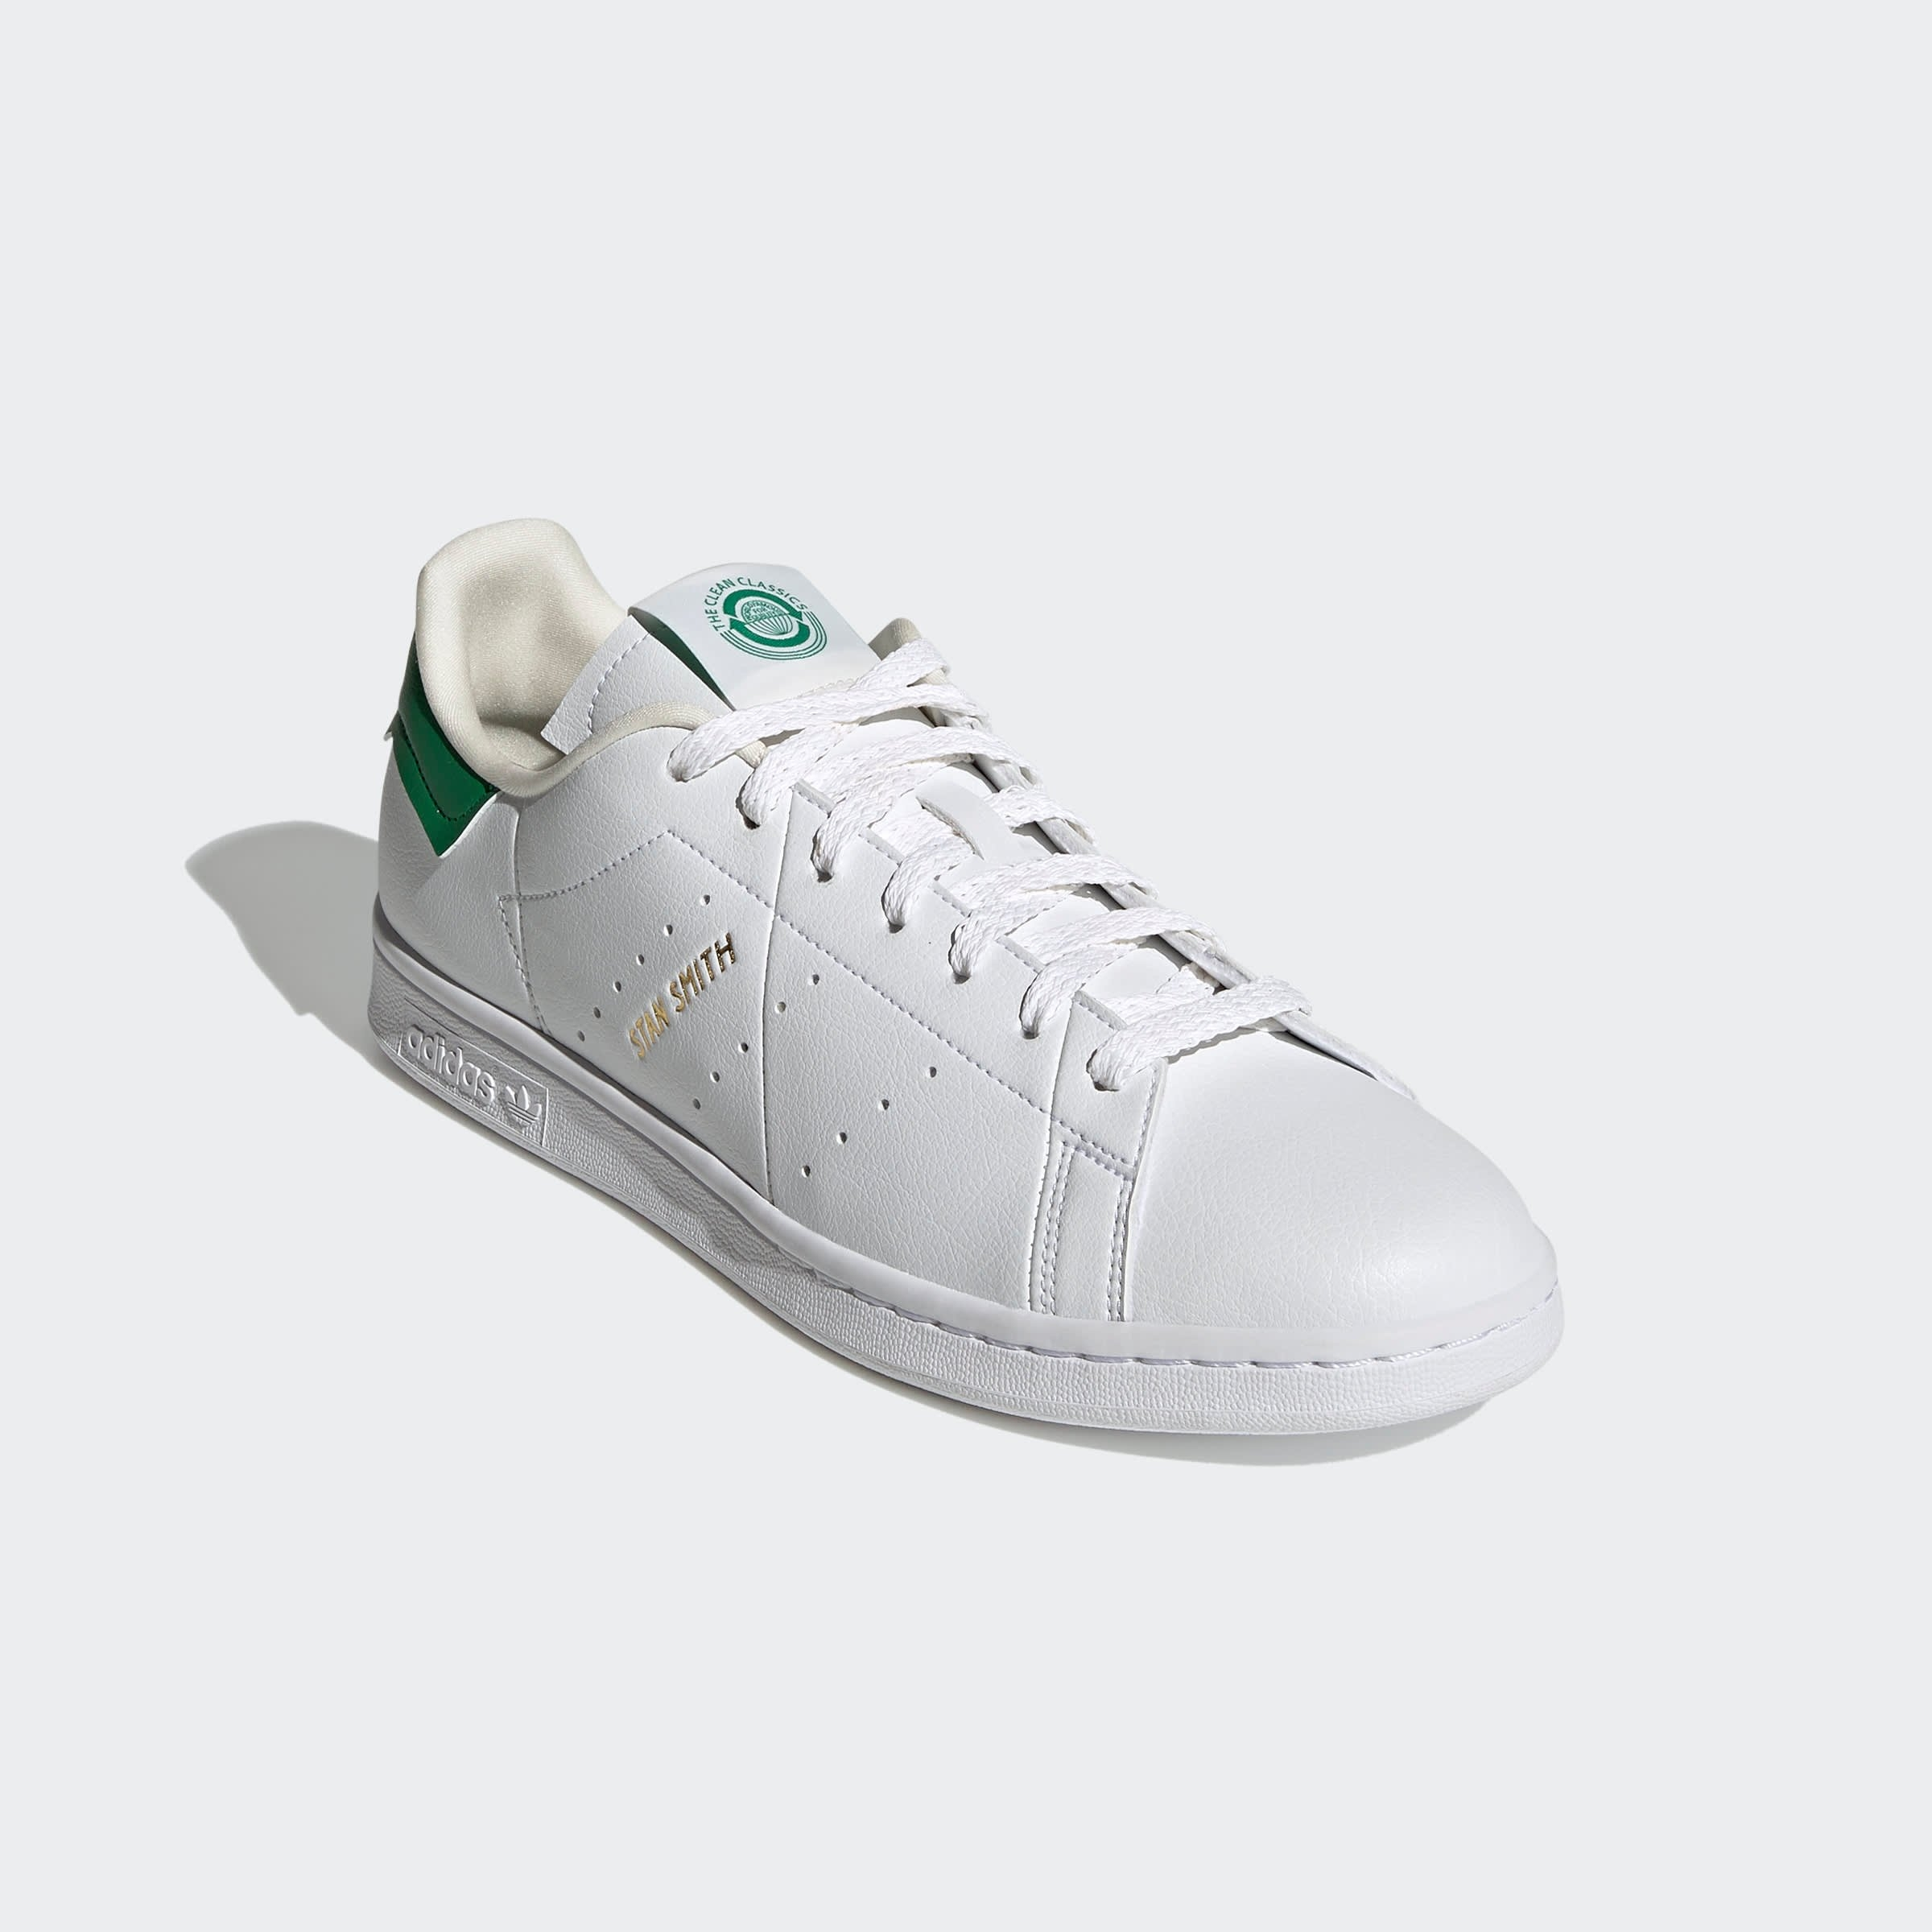 adidas Originals sneakers STAN SMITH bestellen: 30 dagen bedenktijd